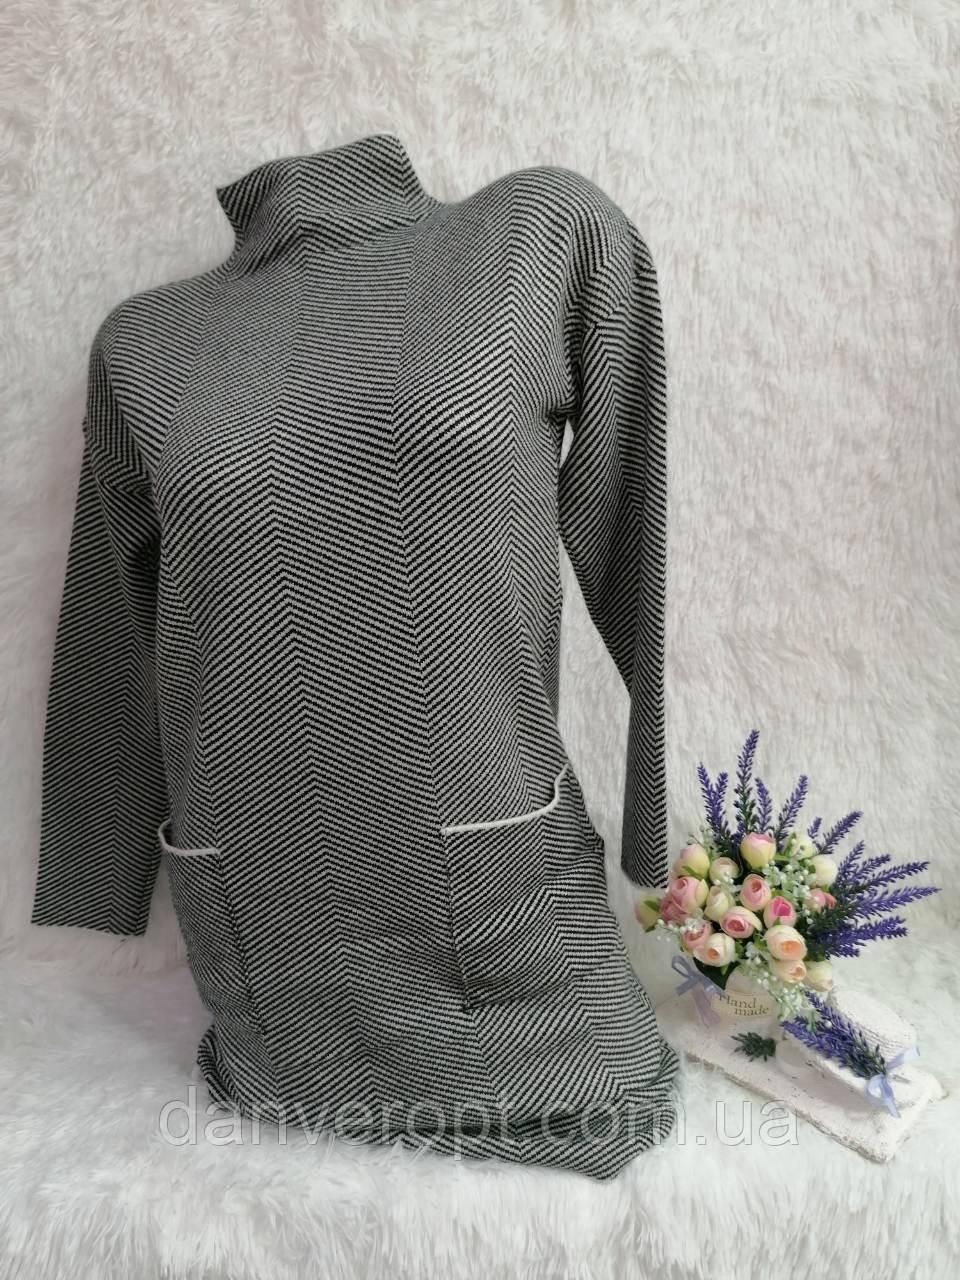 Платье женское модное стильное с карманами размер универсальный 46-50 купить оптом со склада 7км Одесса